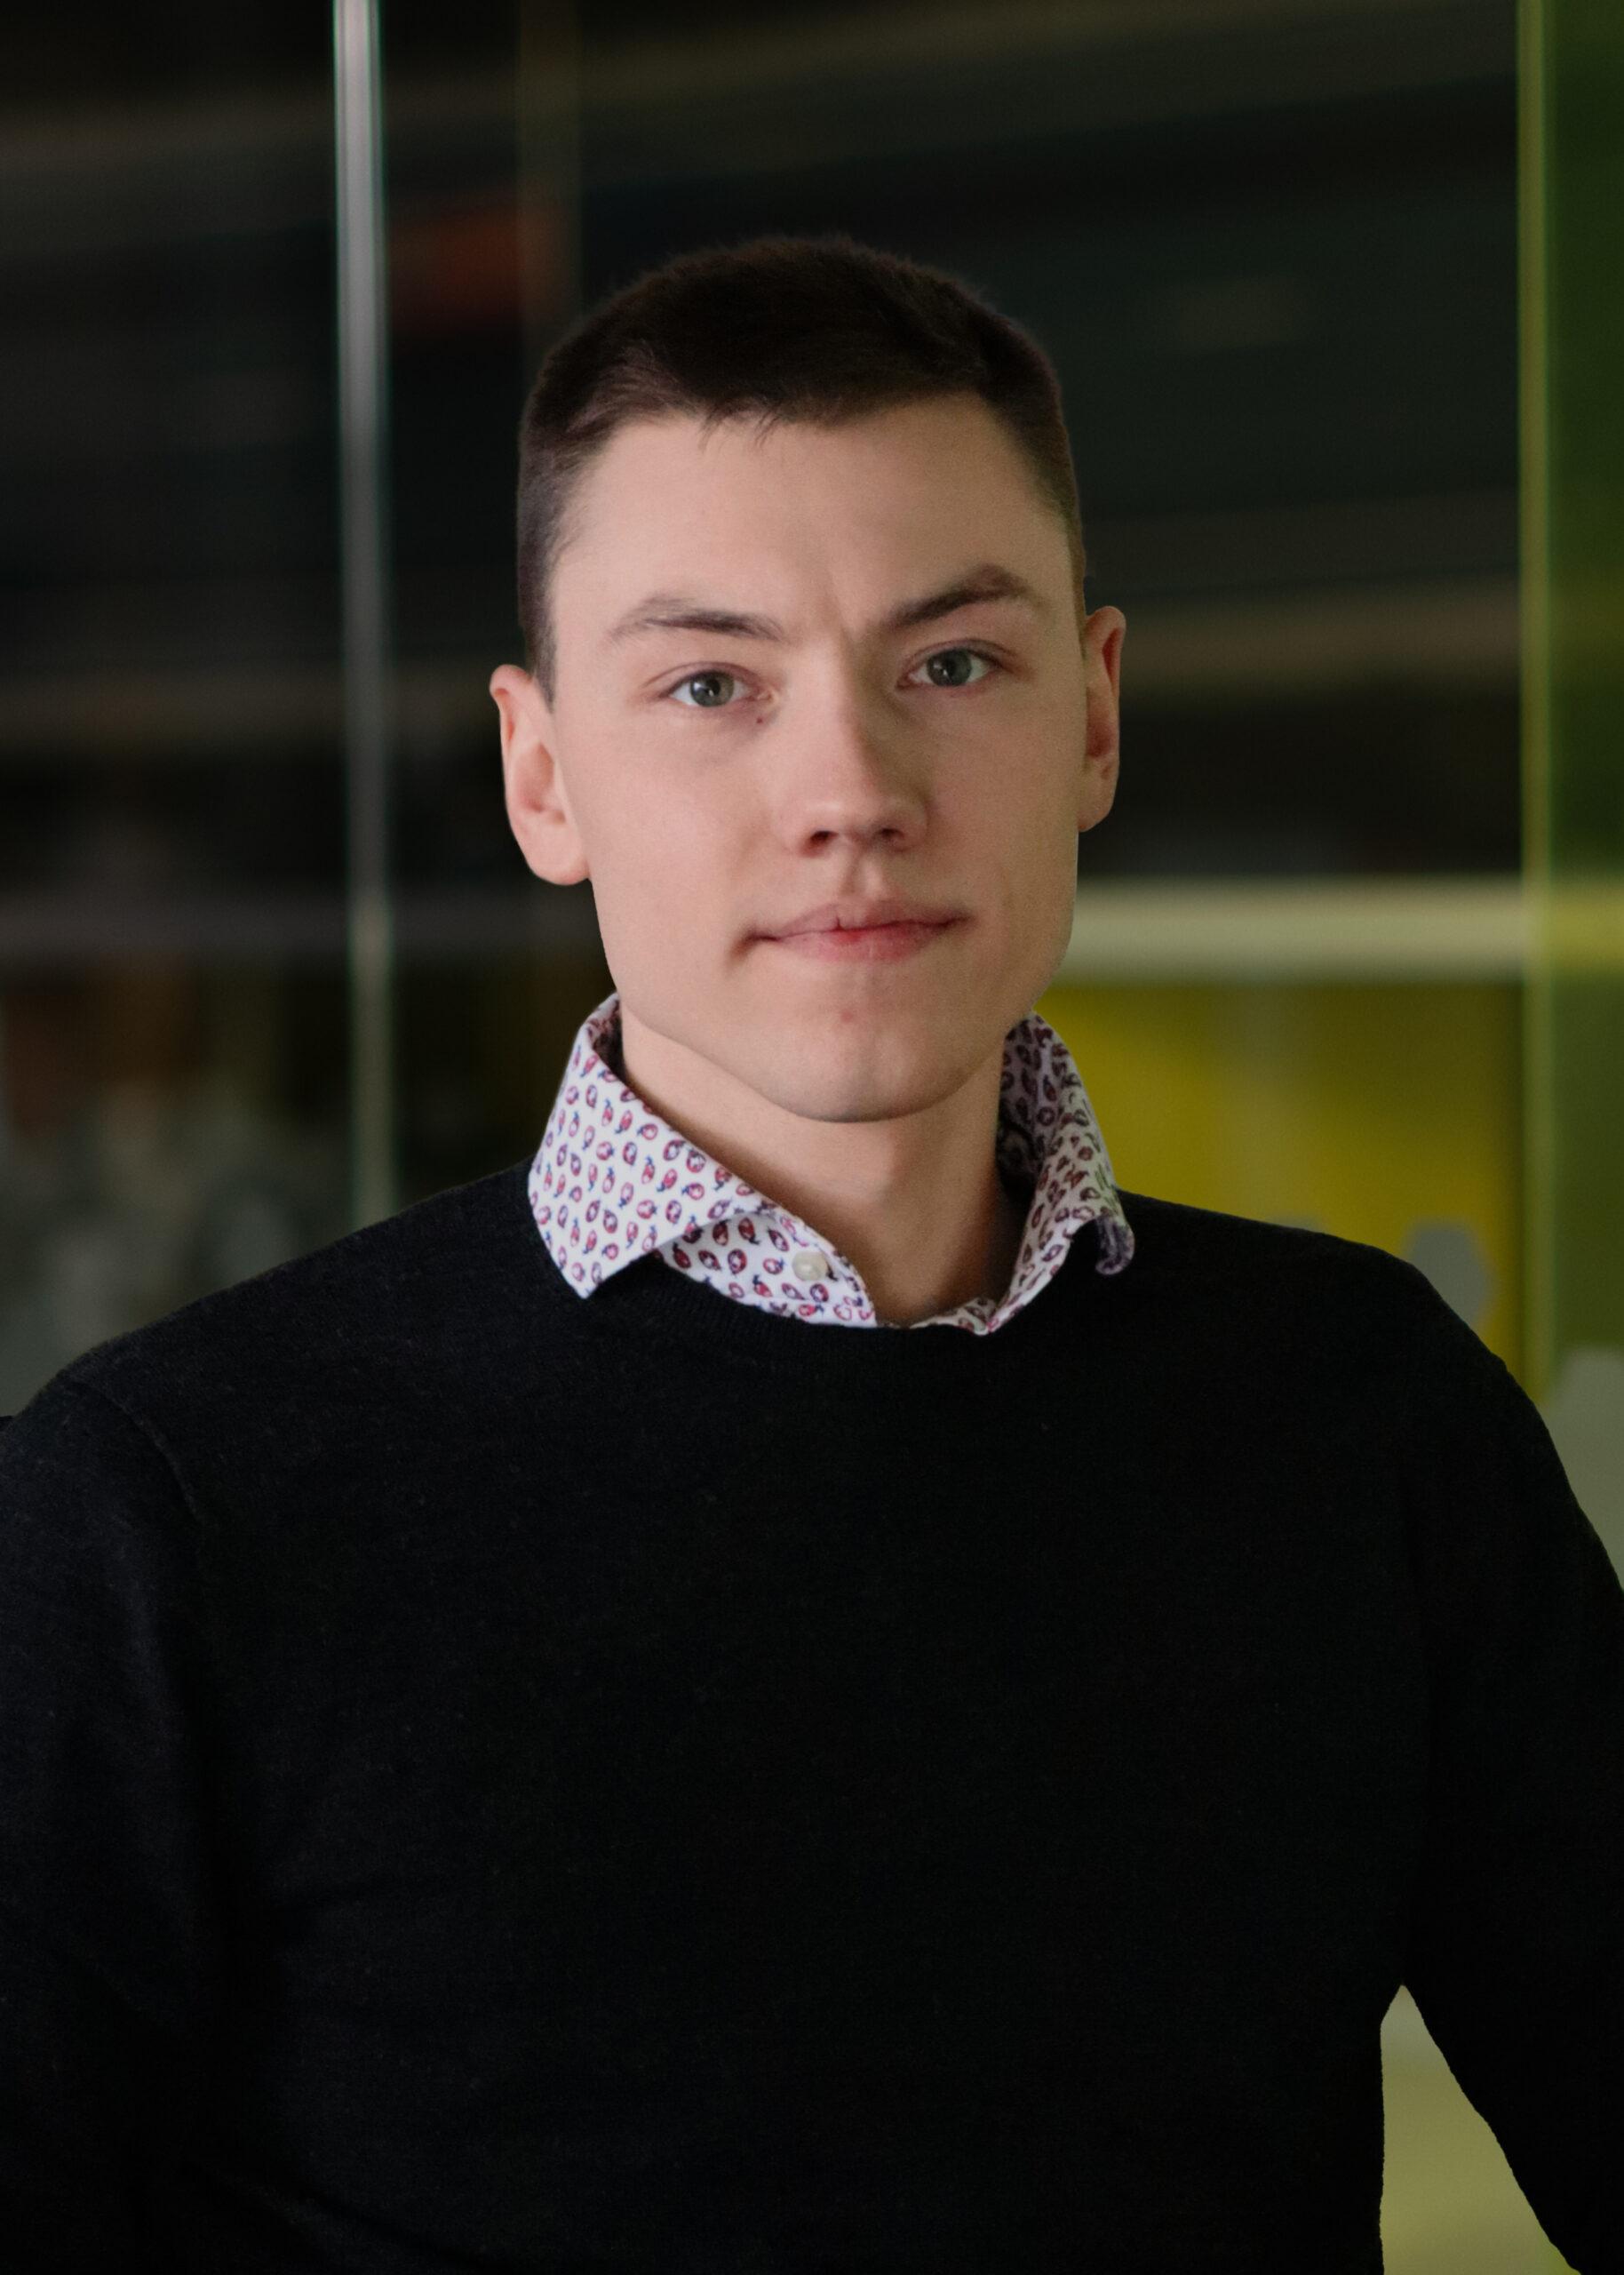 Hendrik Norman Kalbin